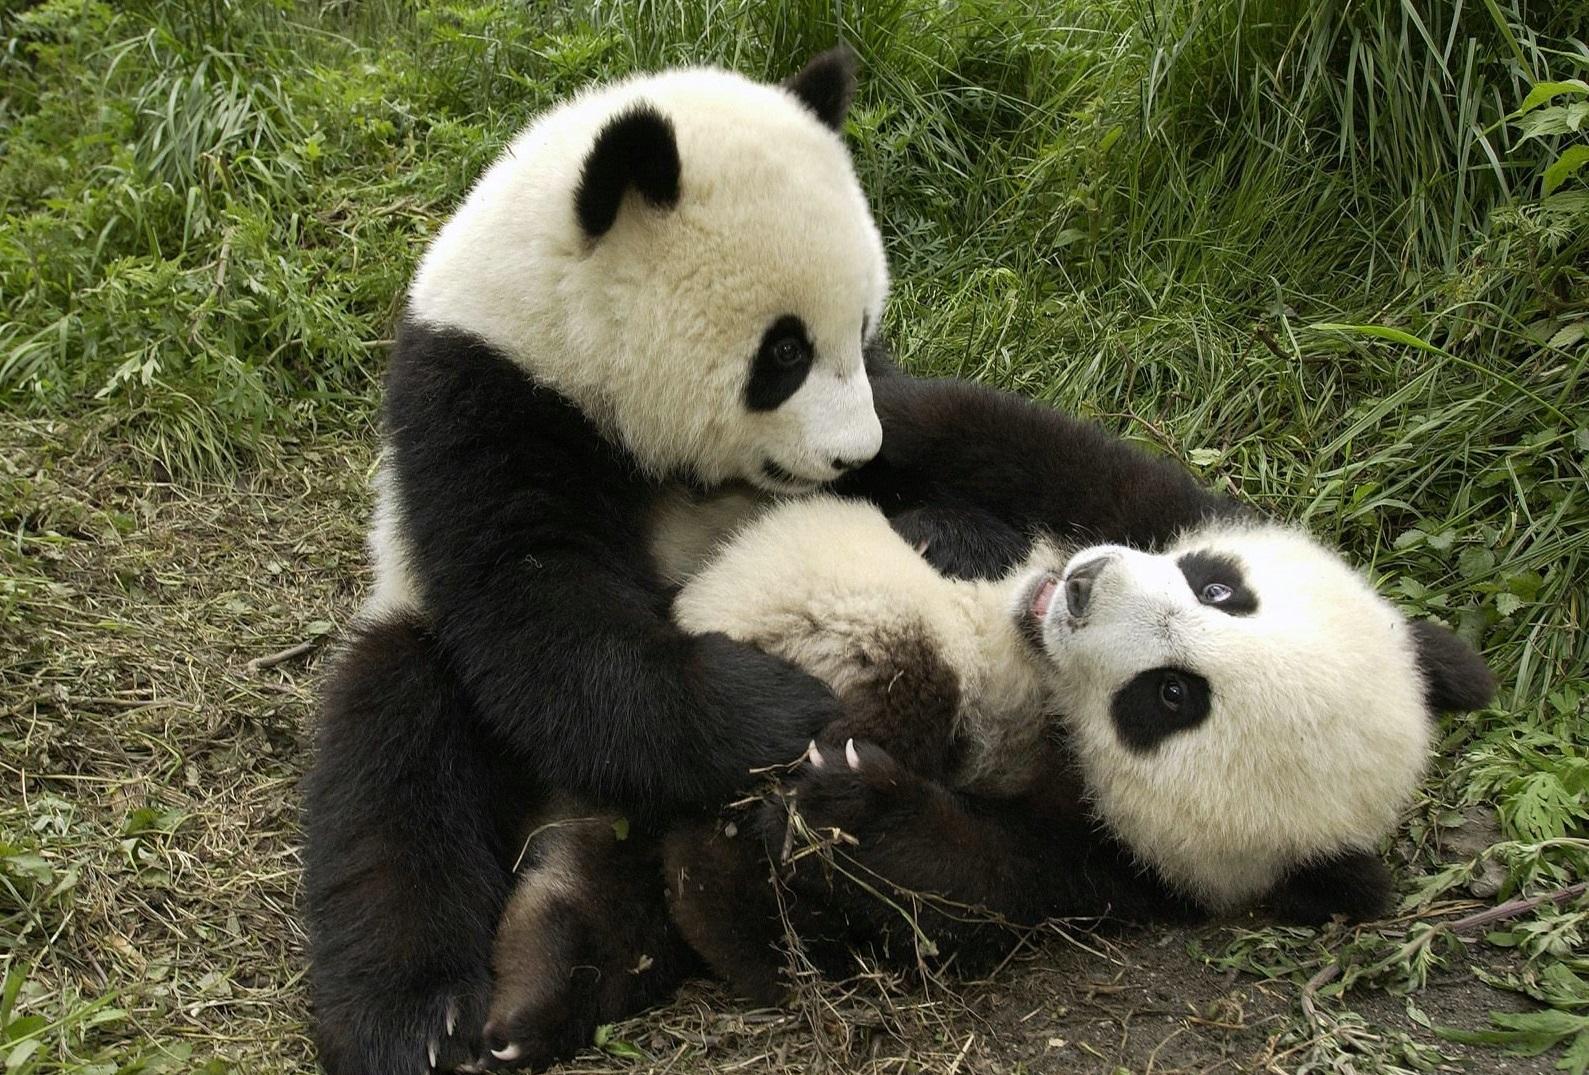 Populares Datos que no sabías sobre los Osos Pandas: Enemigos de los pandas. LH11